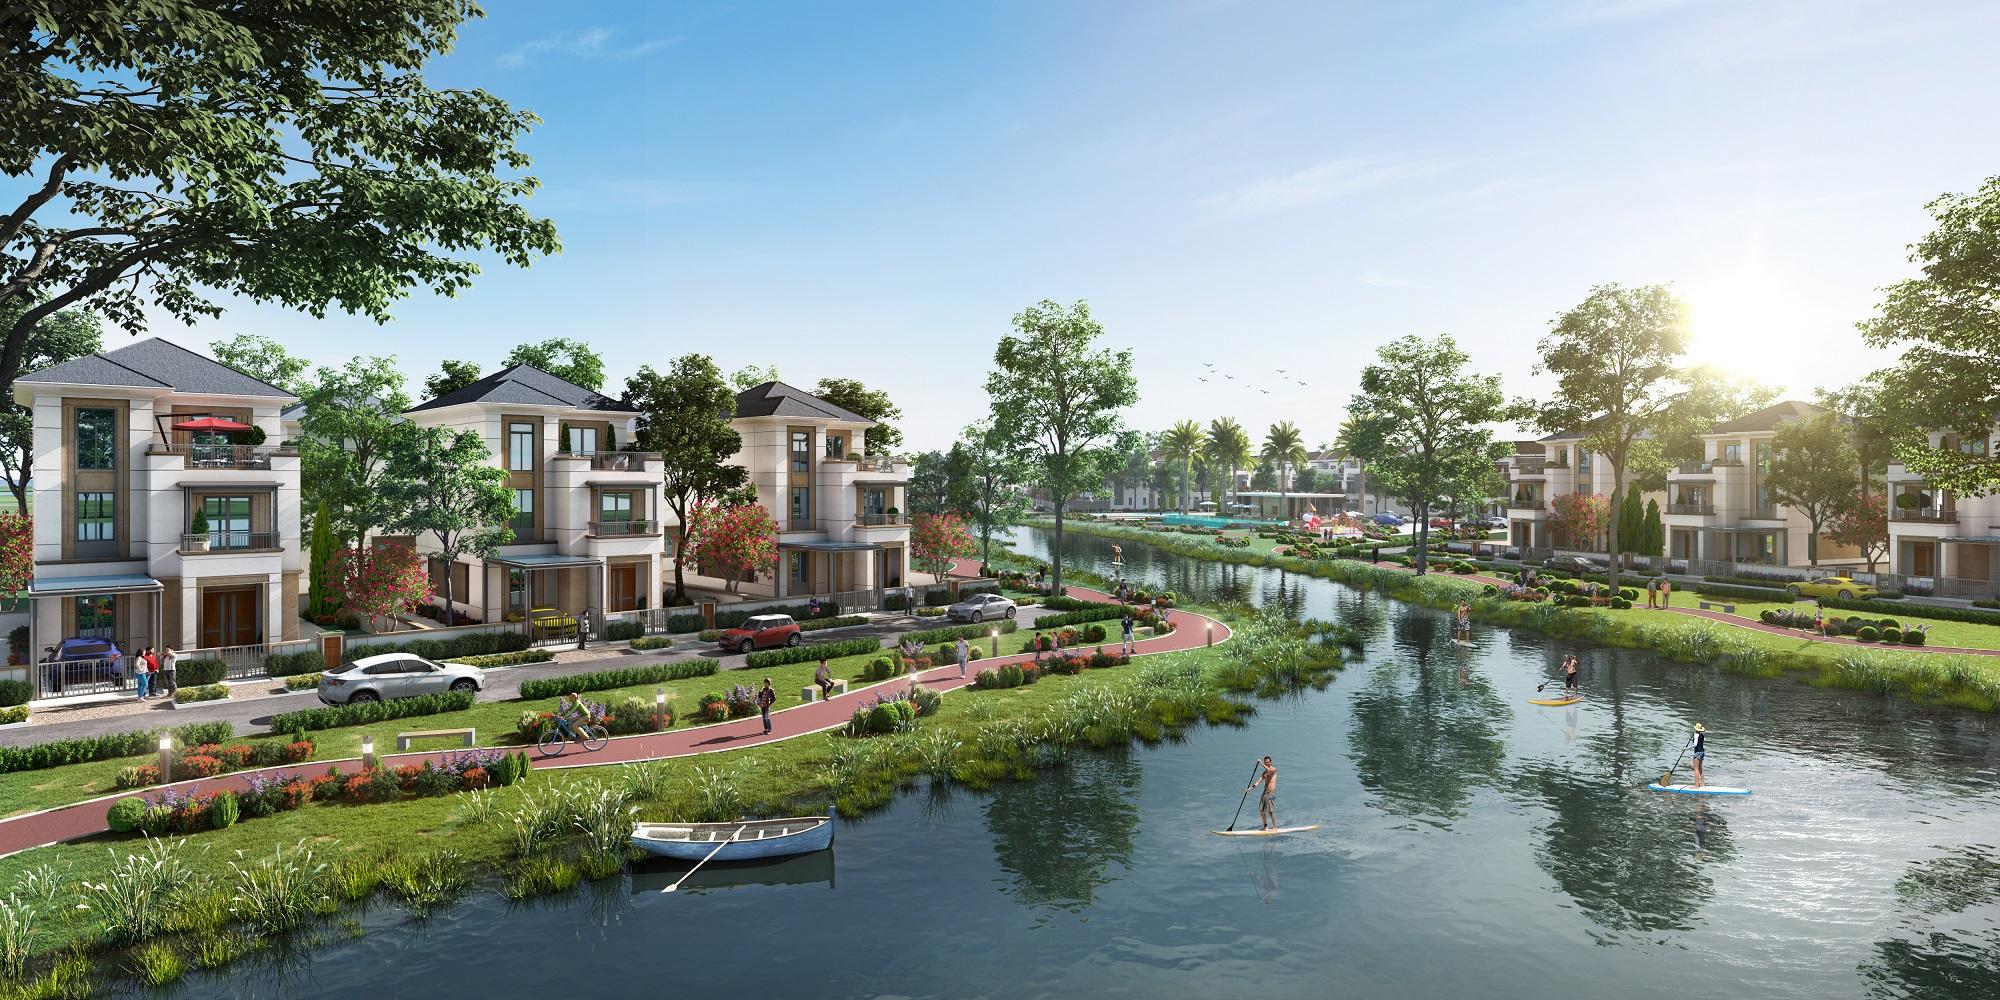 Nhà ven sông, cận sông ngày càng được ưa chuộng vì những giá trị về sức khỏe và tài lộc mà nó mang lại